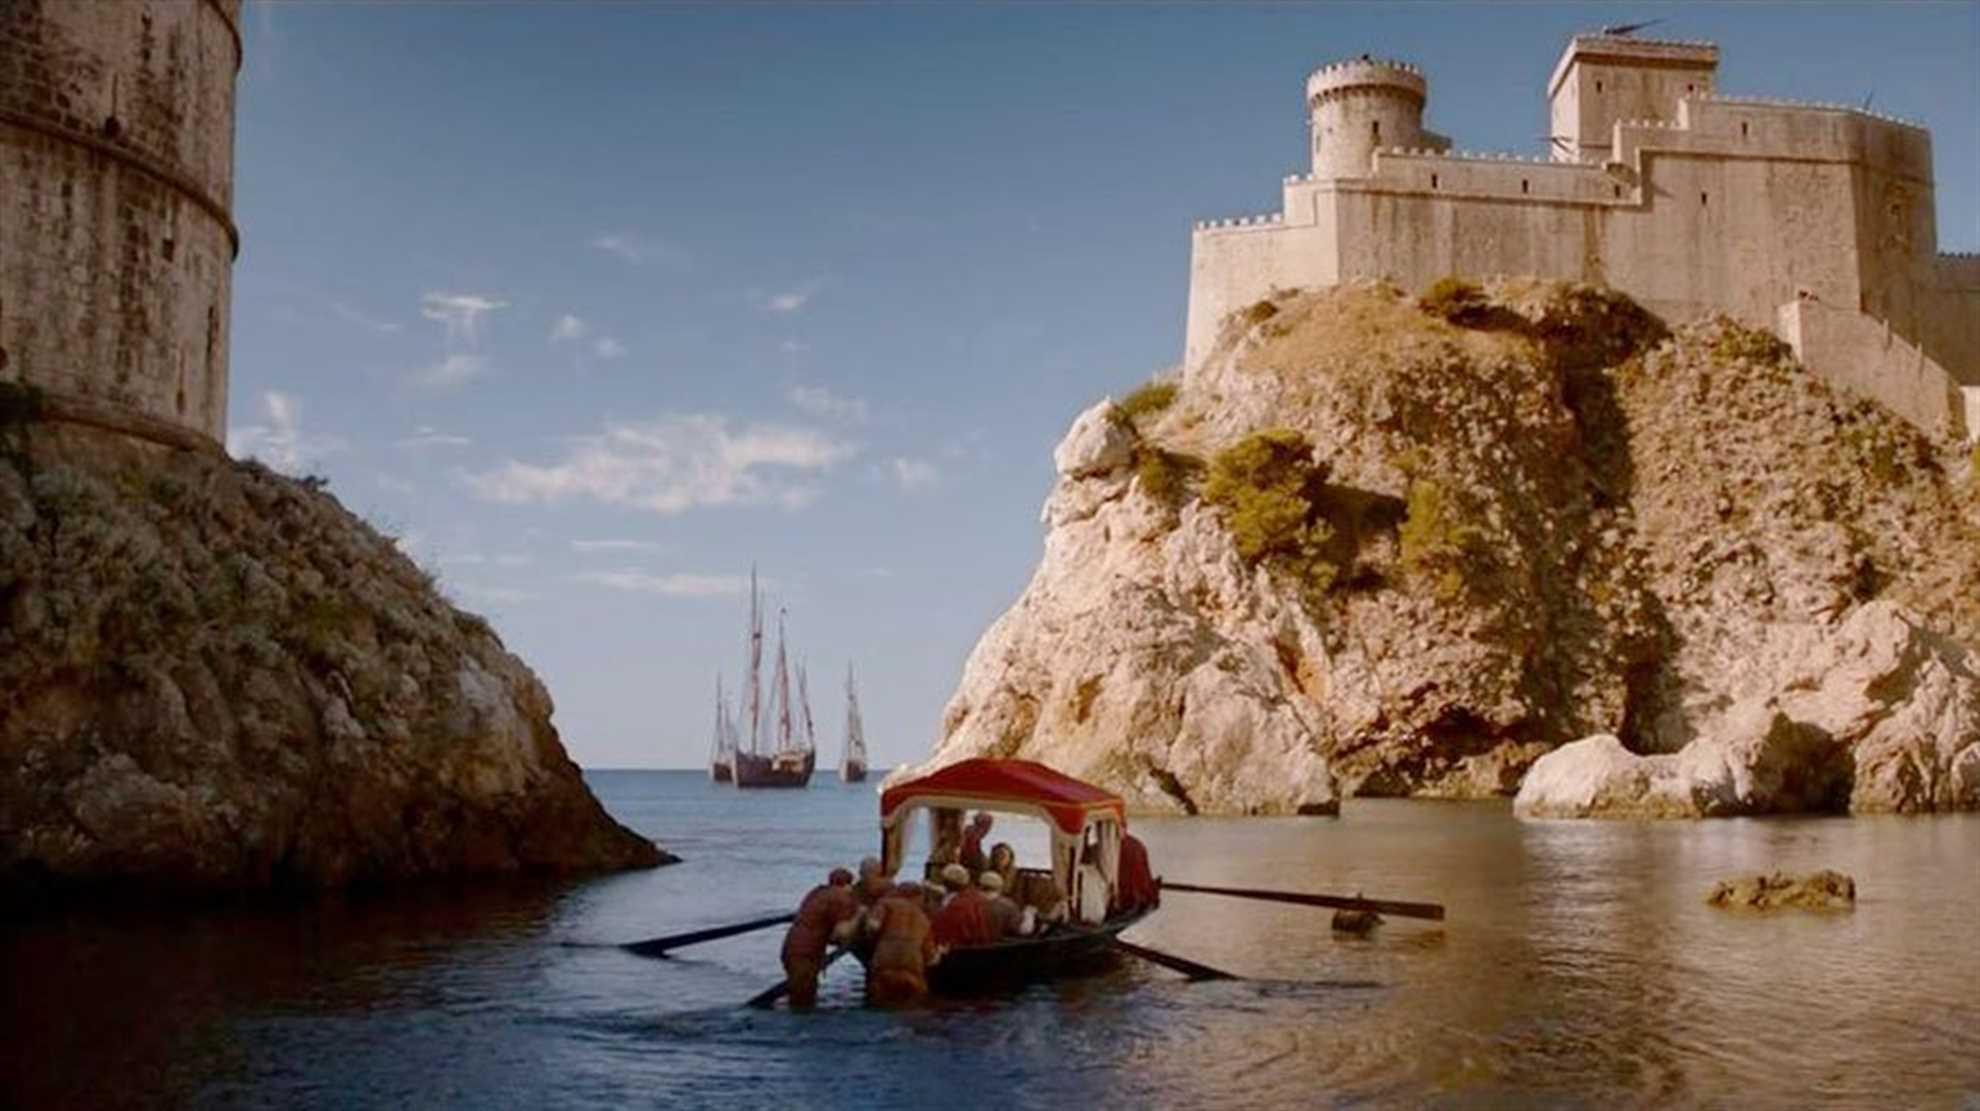 Dubrovnik as Kings Landing